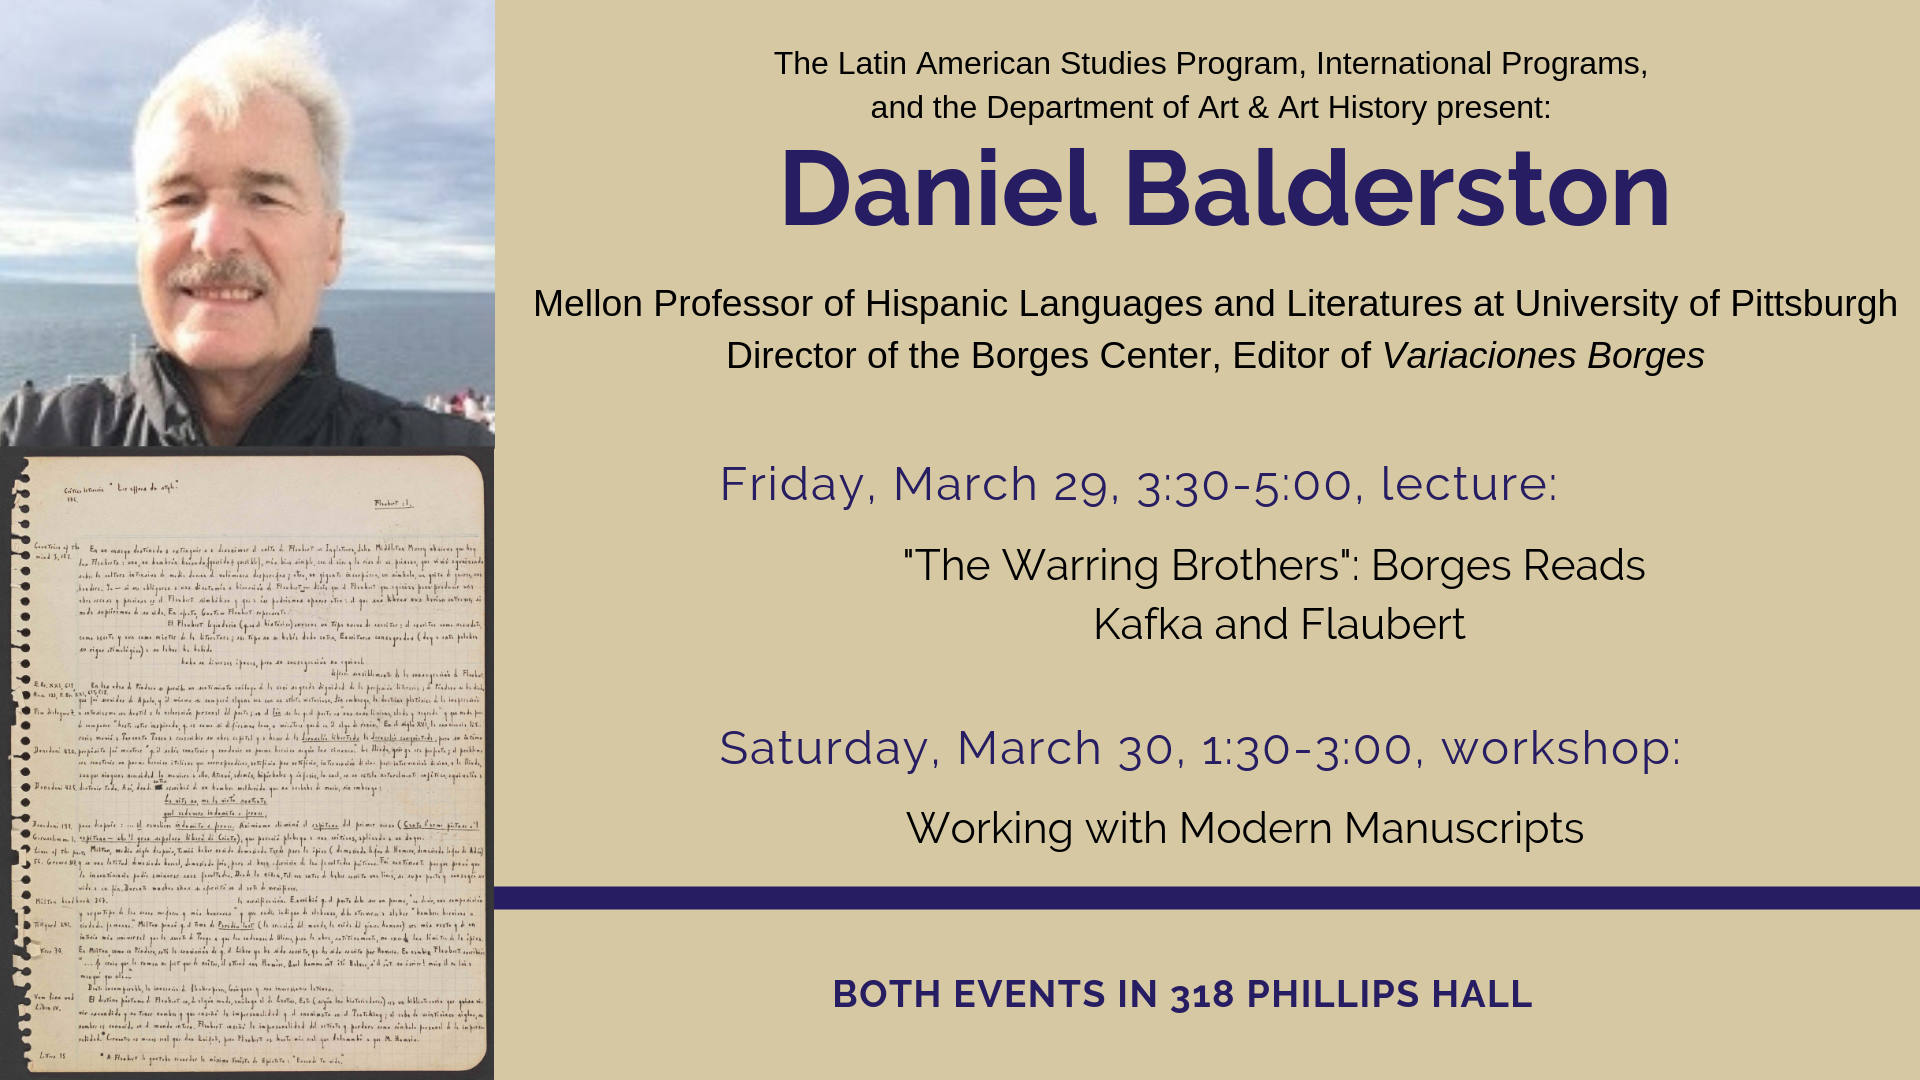 Daniel Balderston workshop on March 30 at 1:30 in 318 PH